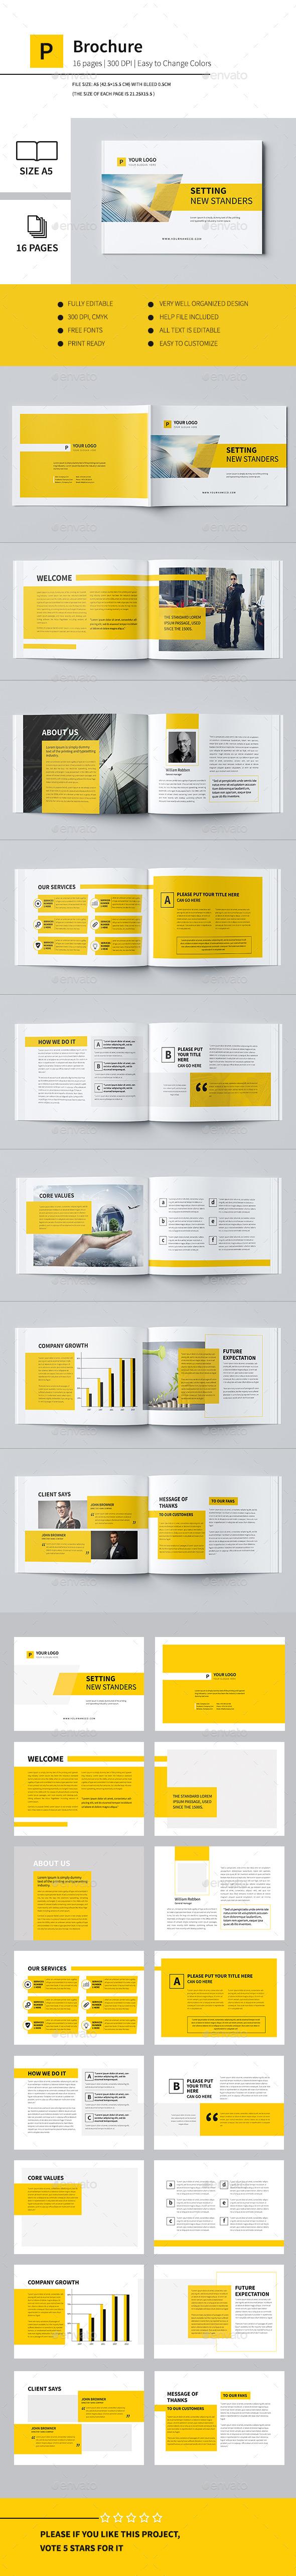 Minimal Business Brochure II - Corporate Brochures